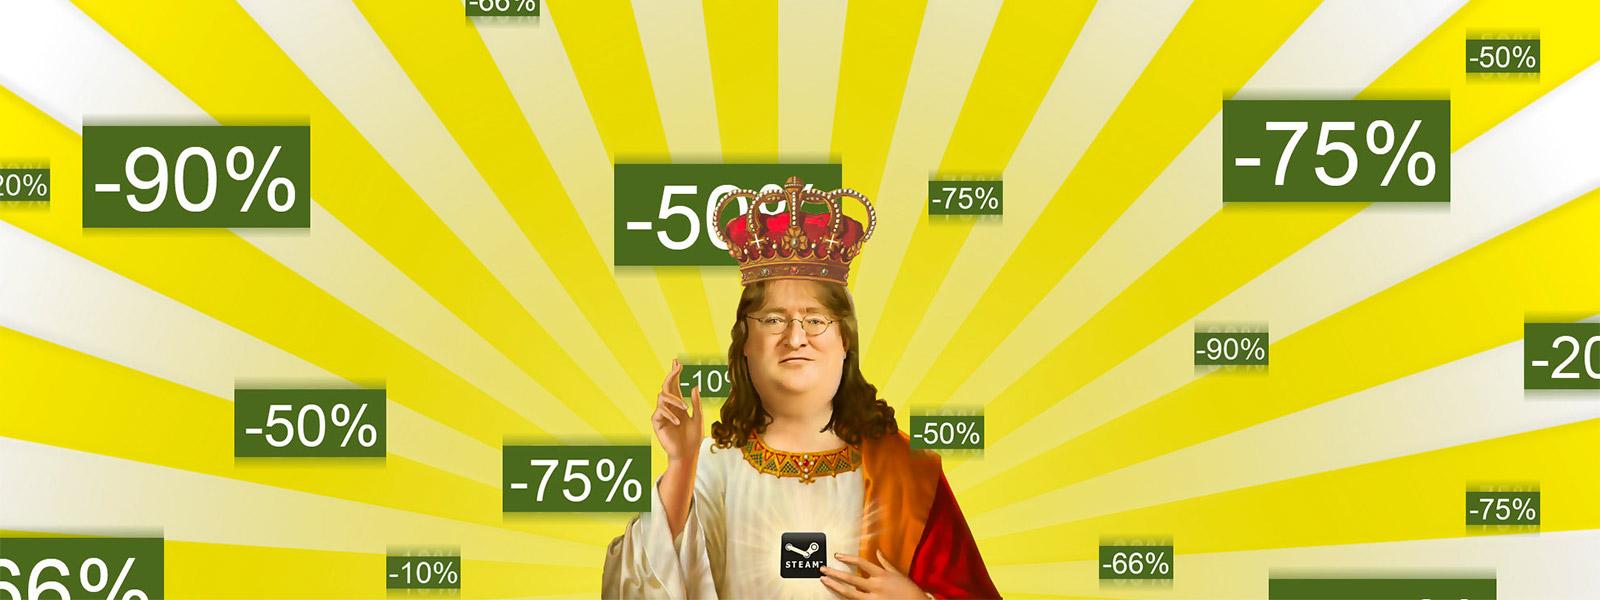 Осенняя распродажа Steam начнётся 25 ноября в 21:00 по МСК